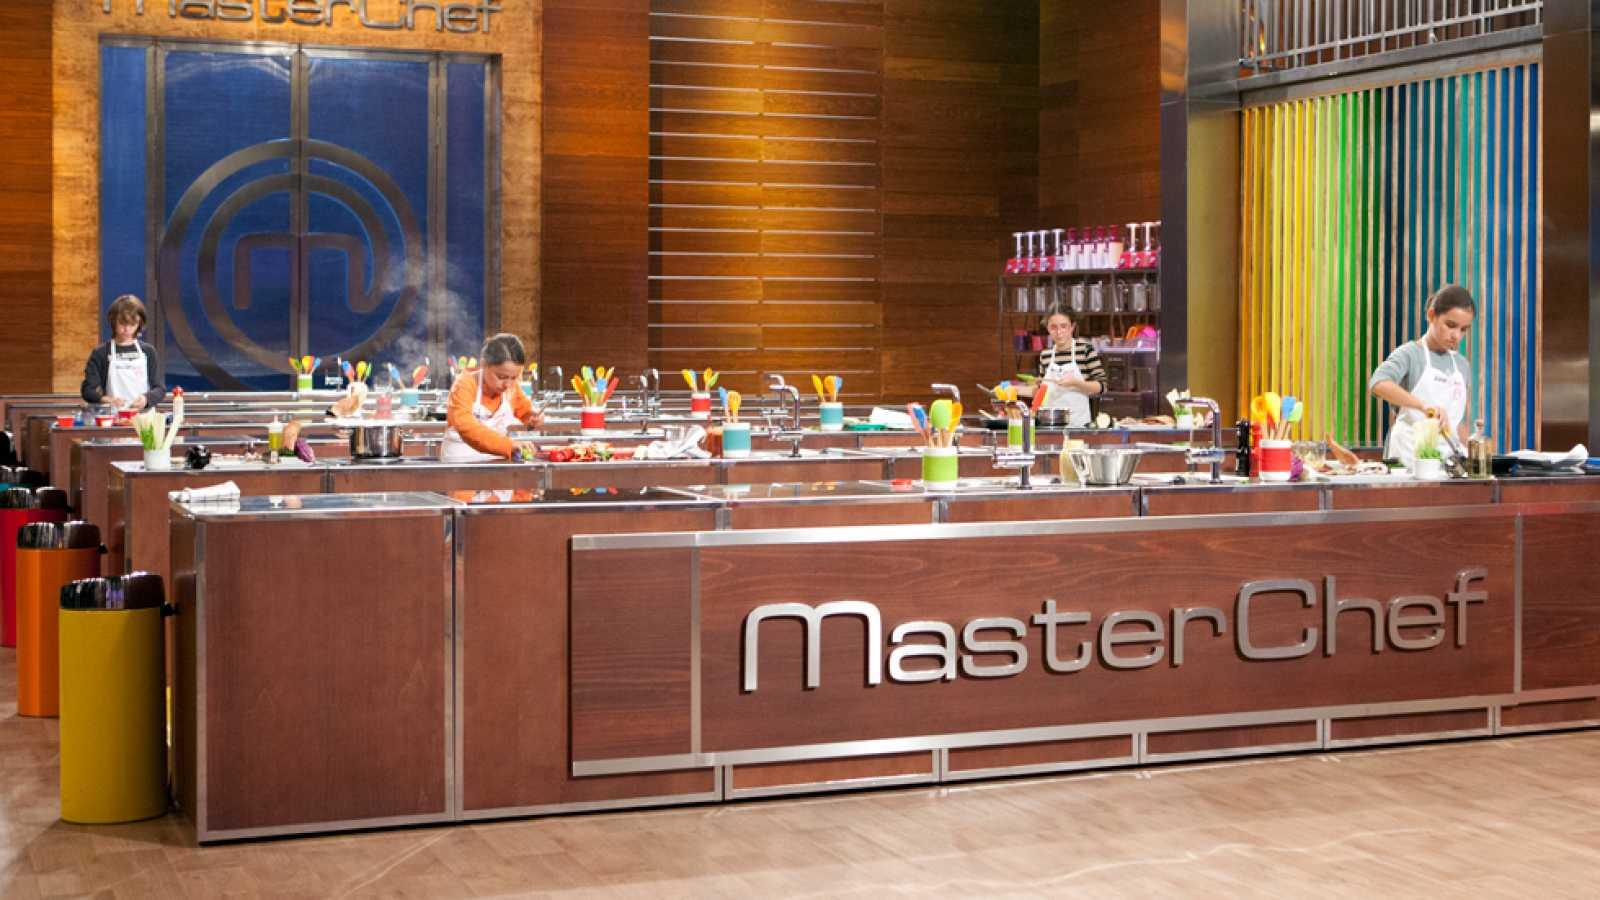 MasterChef Junior 2 - ¡Bienvenidos a la gran final de MasterChef Junior 2!